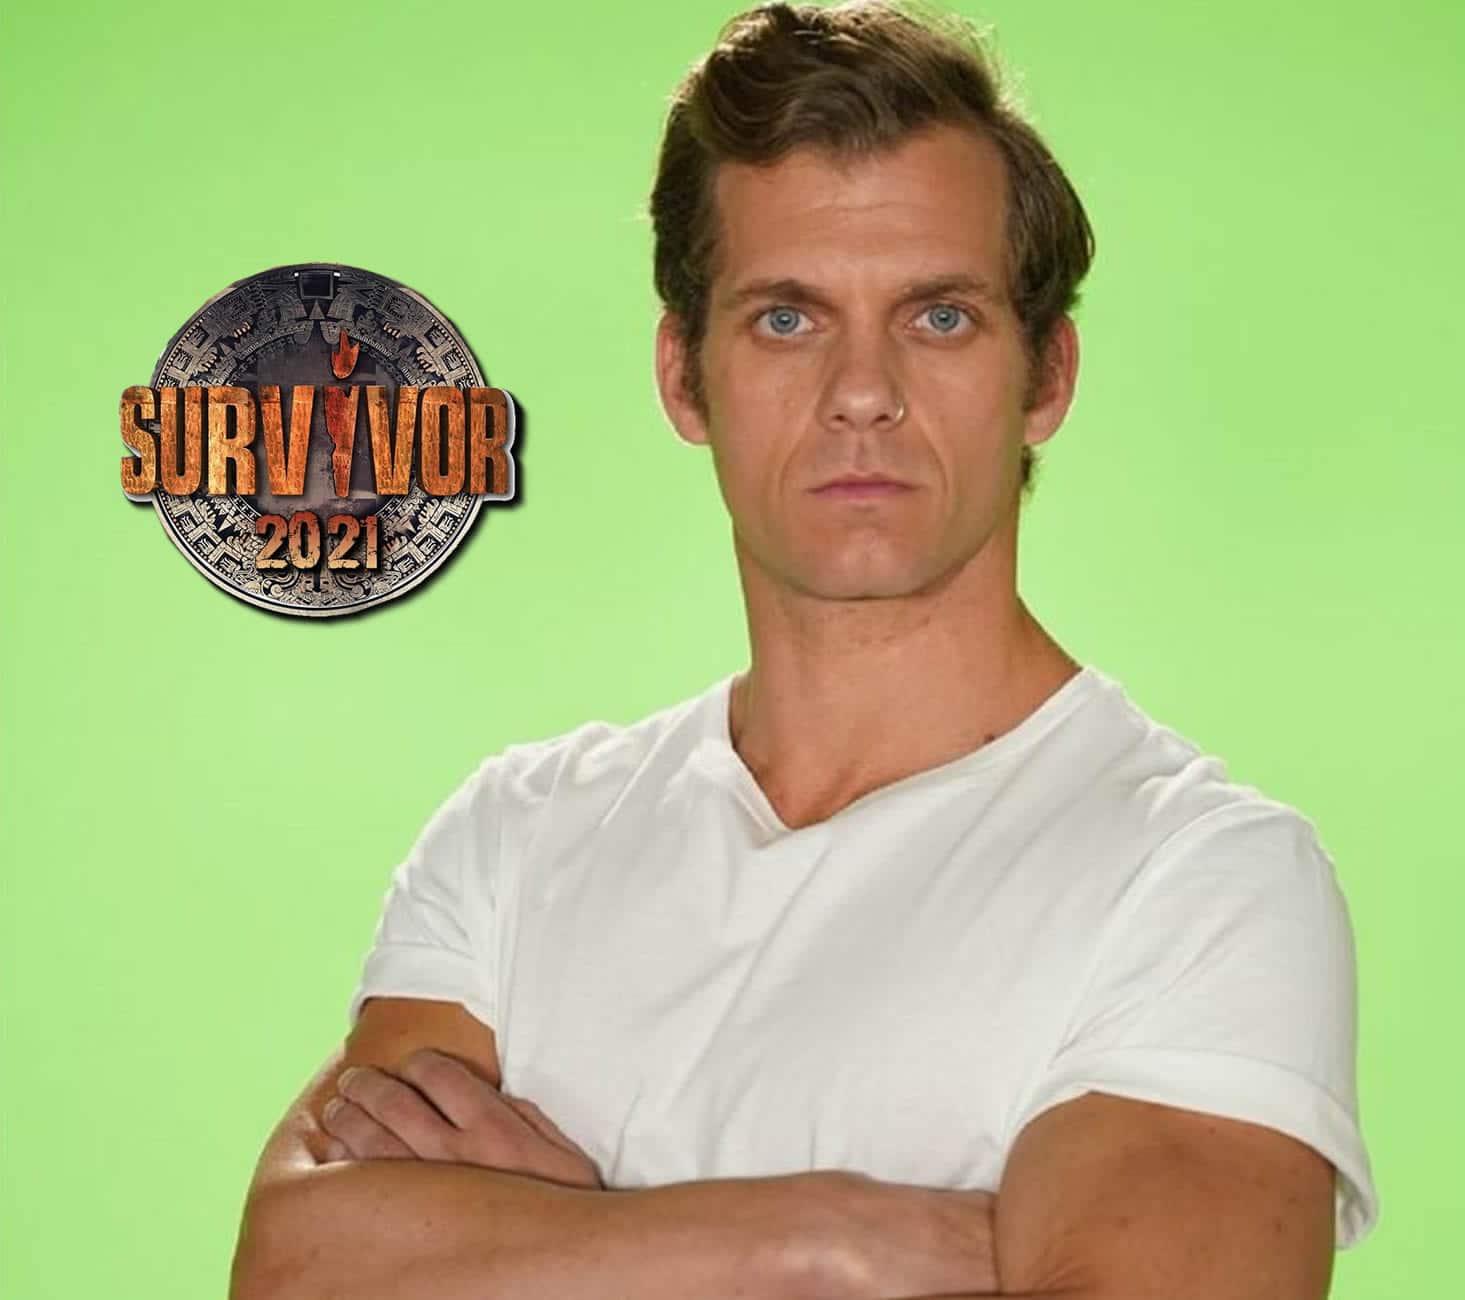 Survivor 2021, Chris Σταμούλης